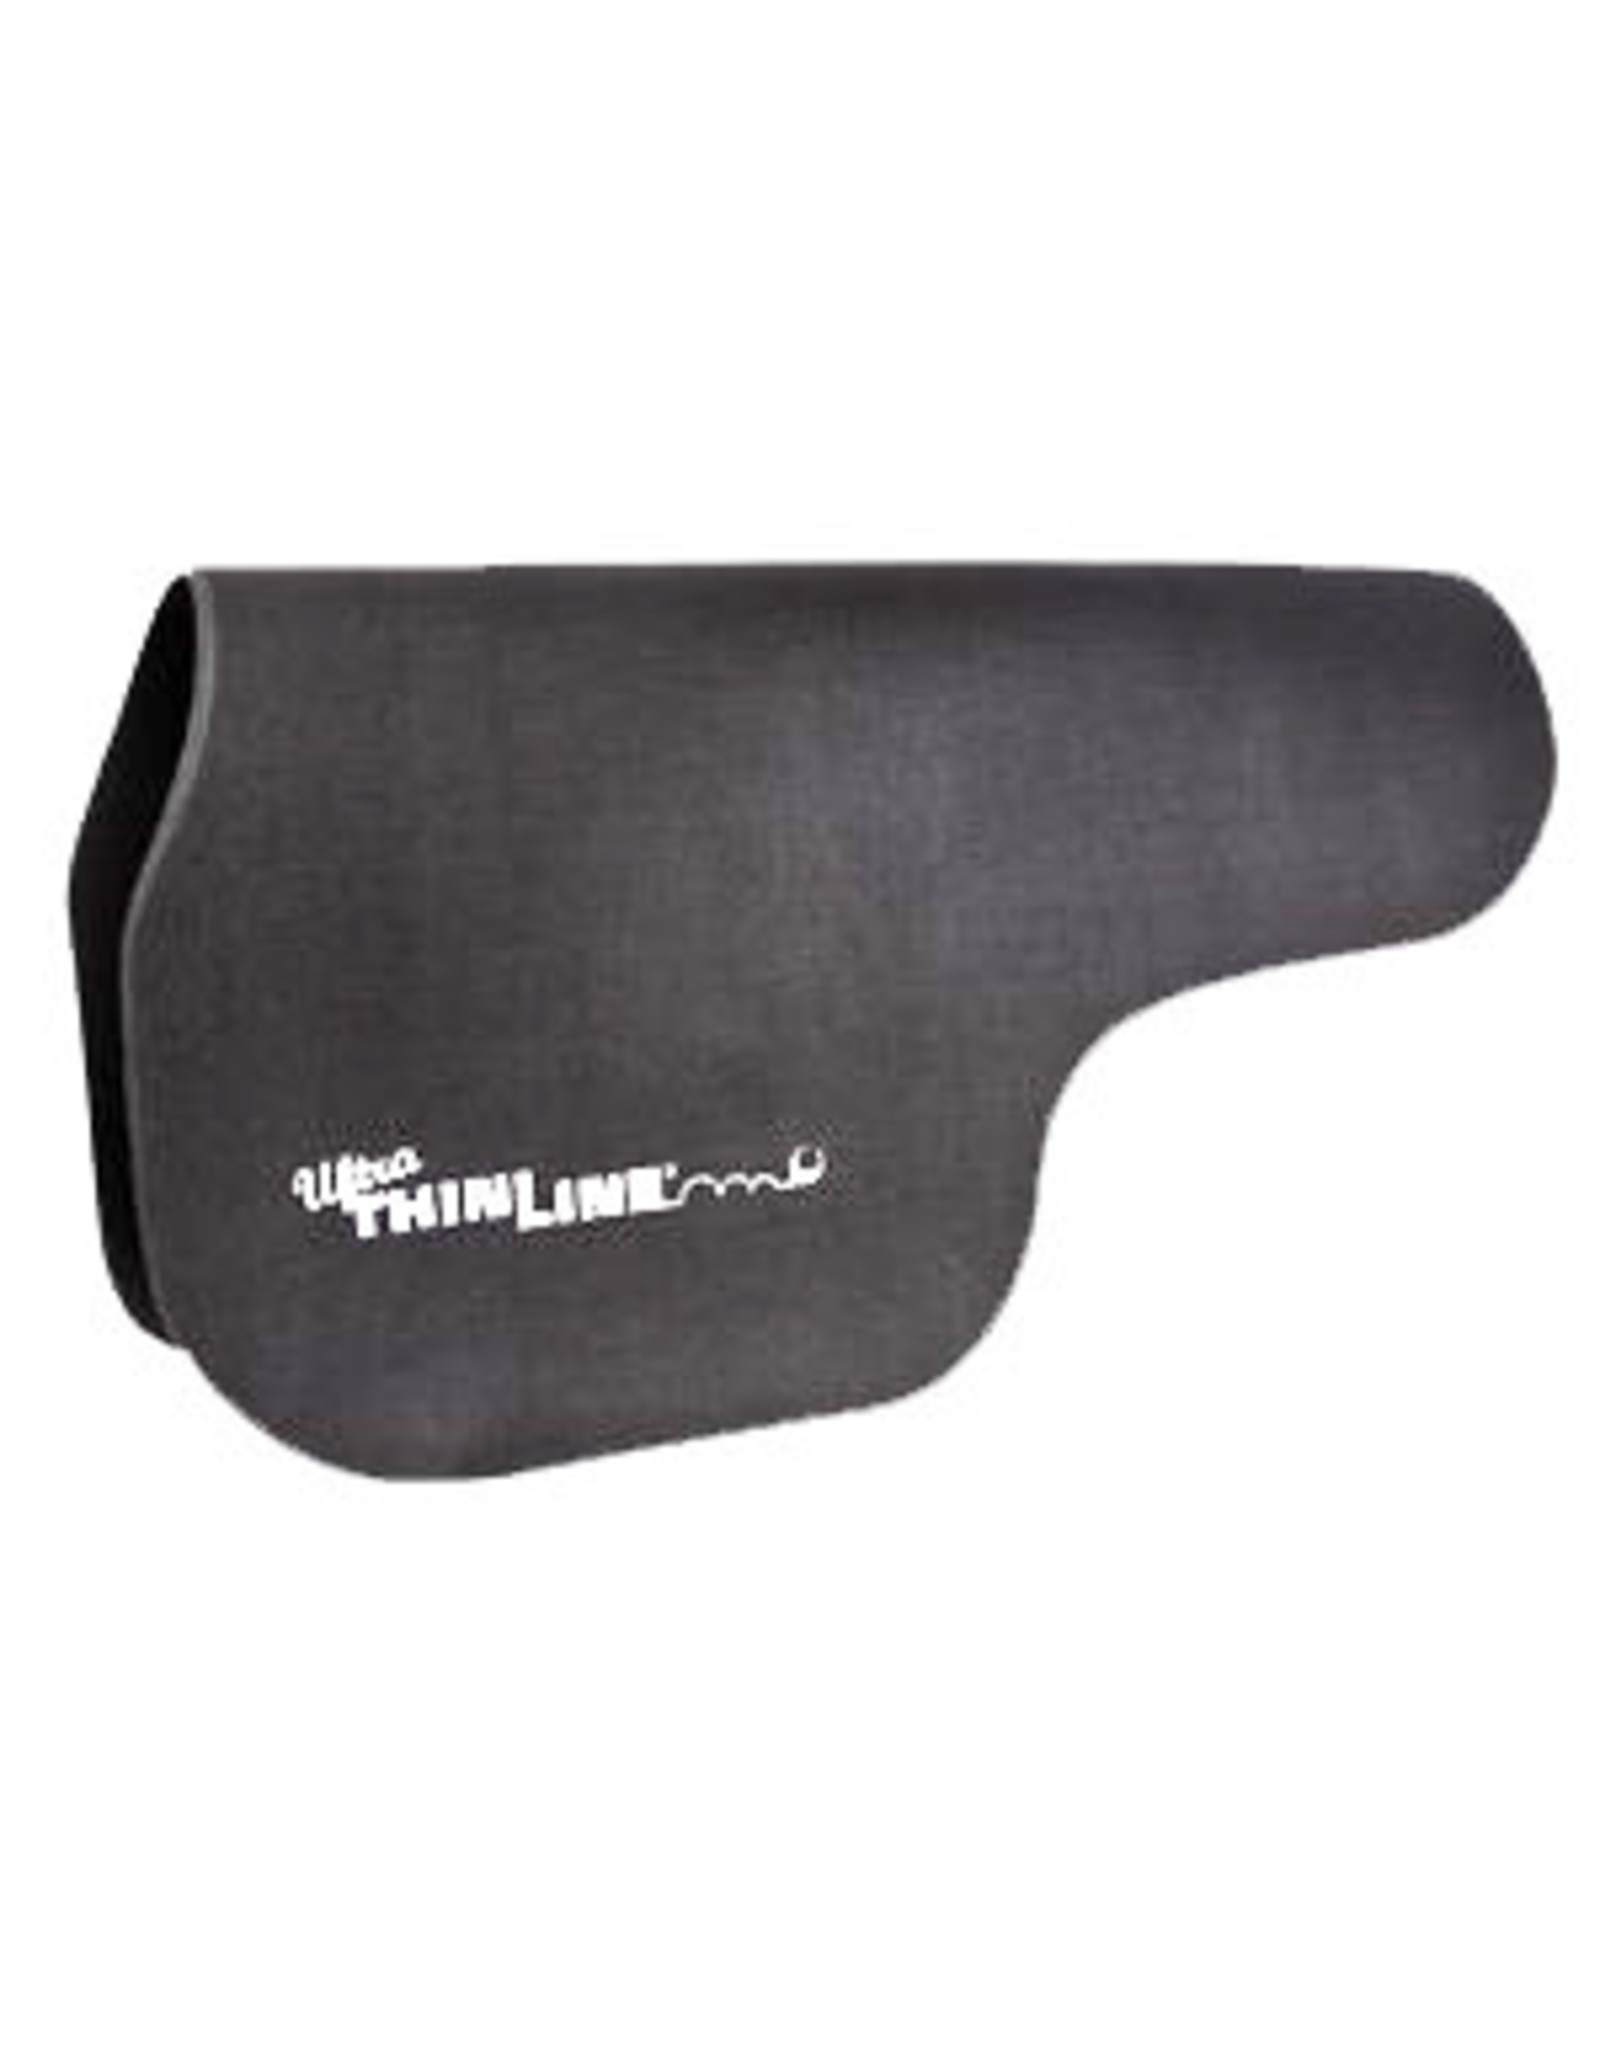 Thinline contour pad UTL untrimmed cob